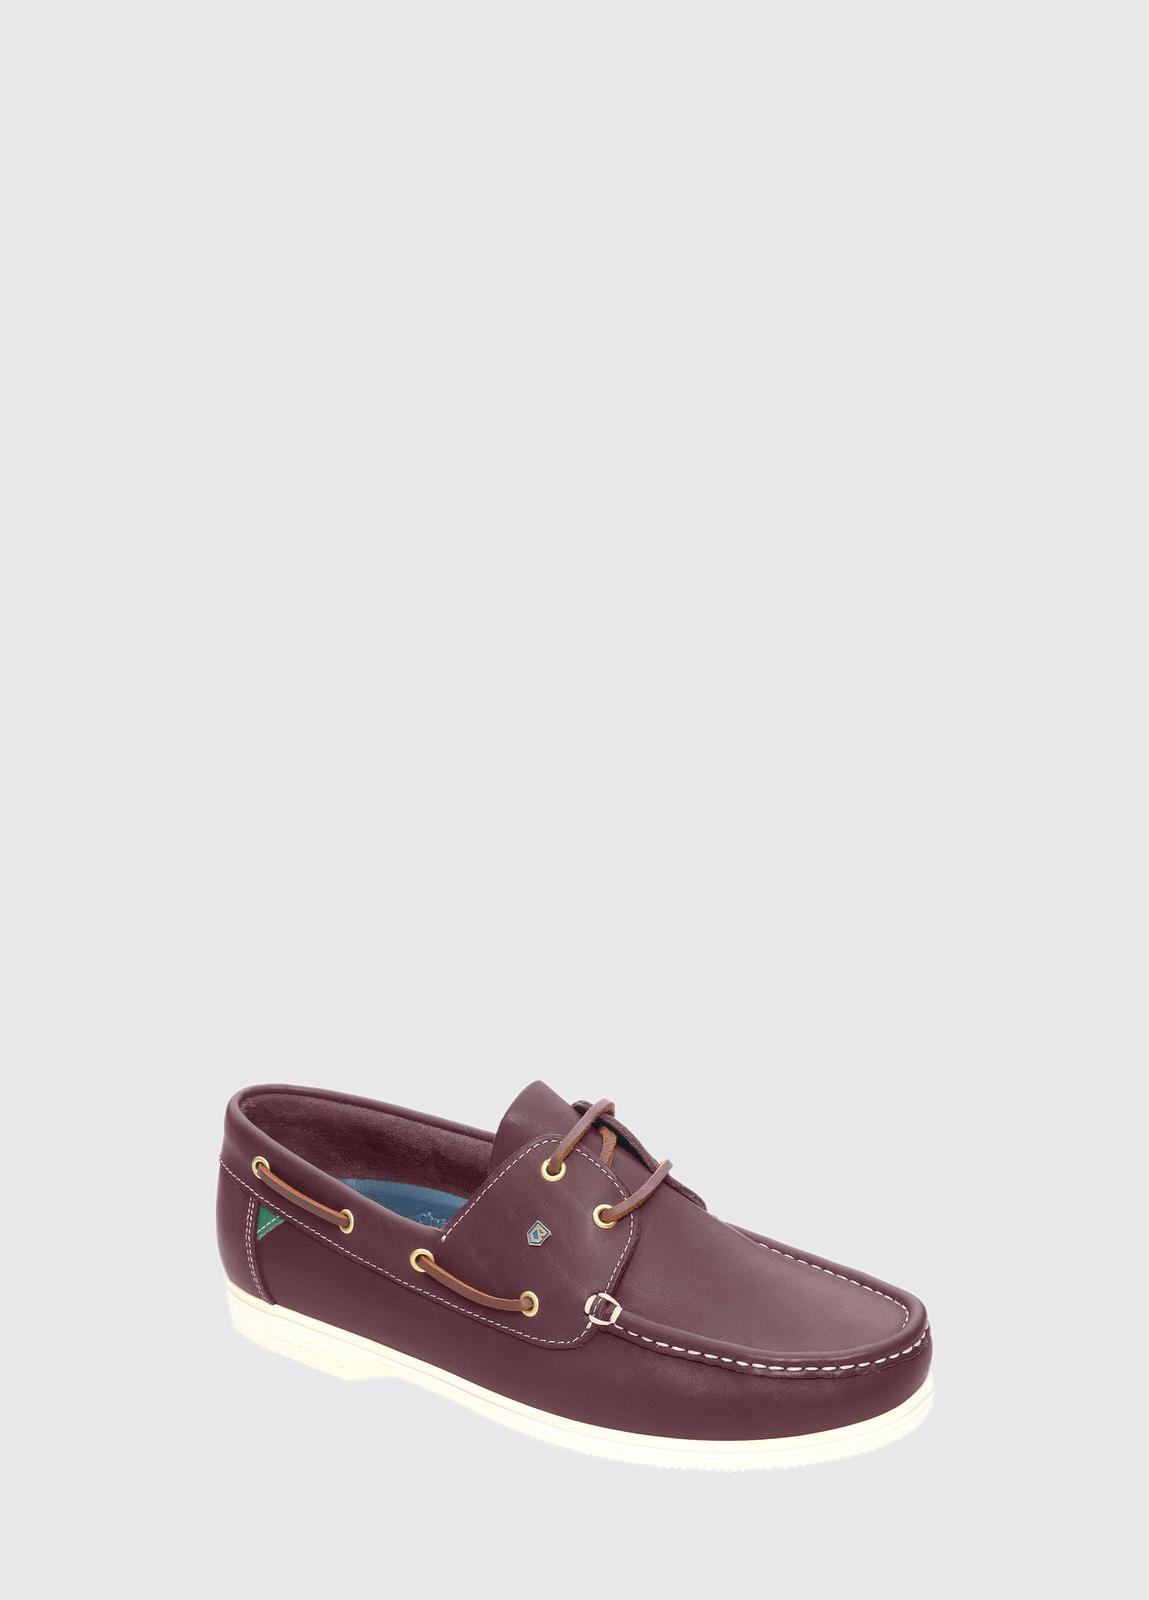 Admirals Deck Shoe - Burgundy